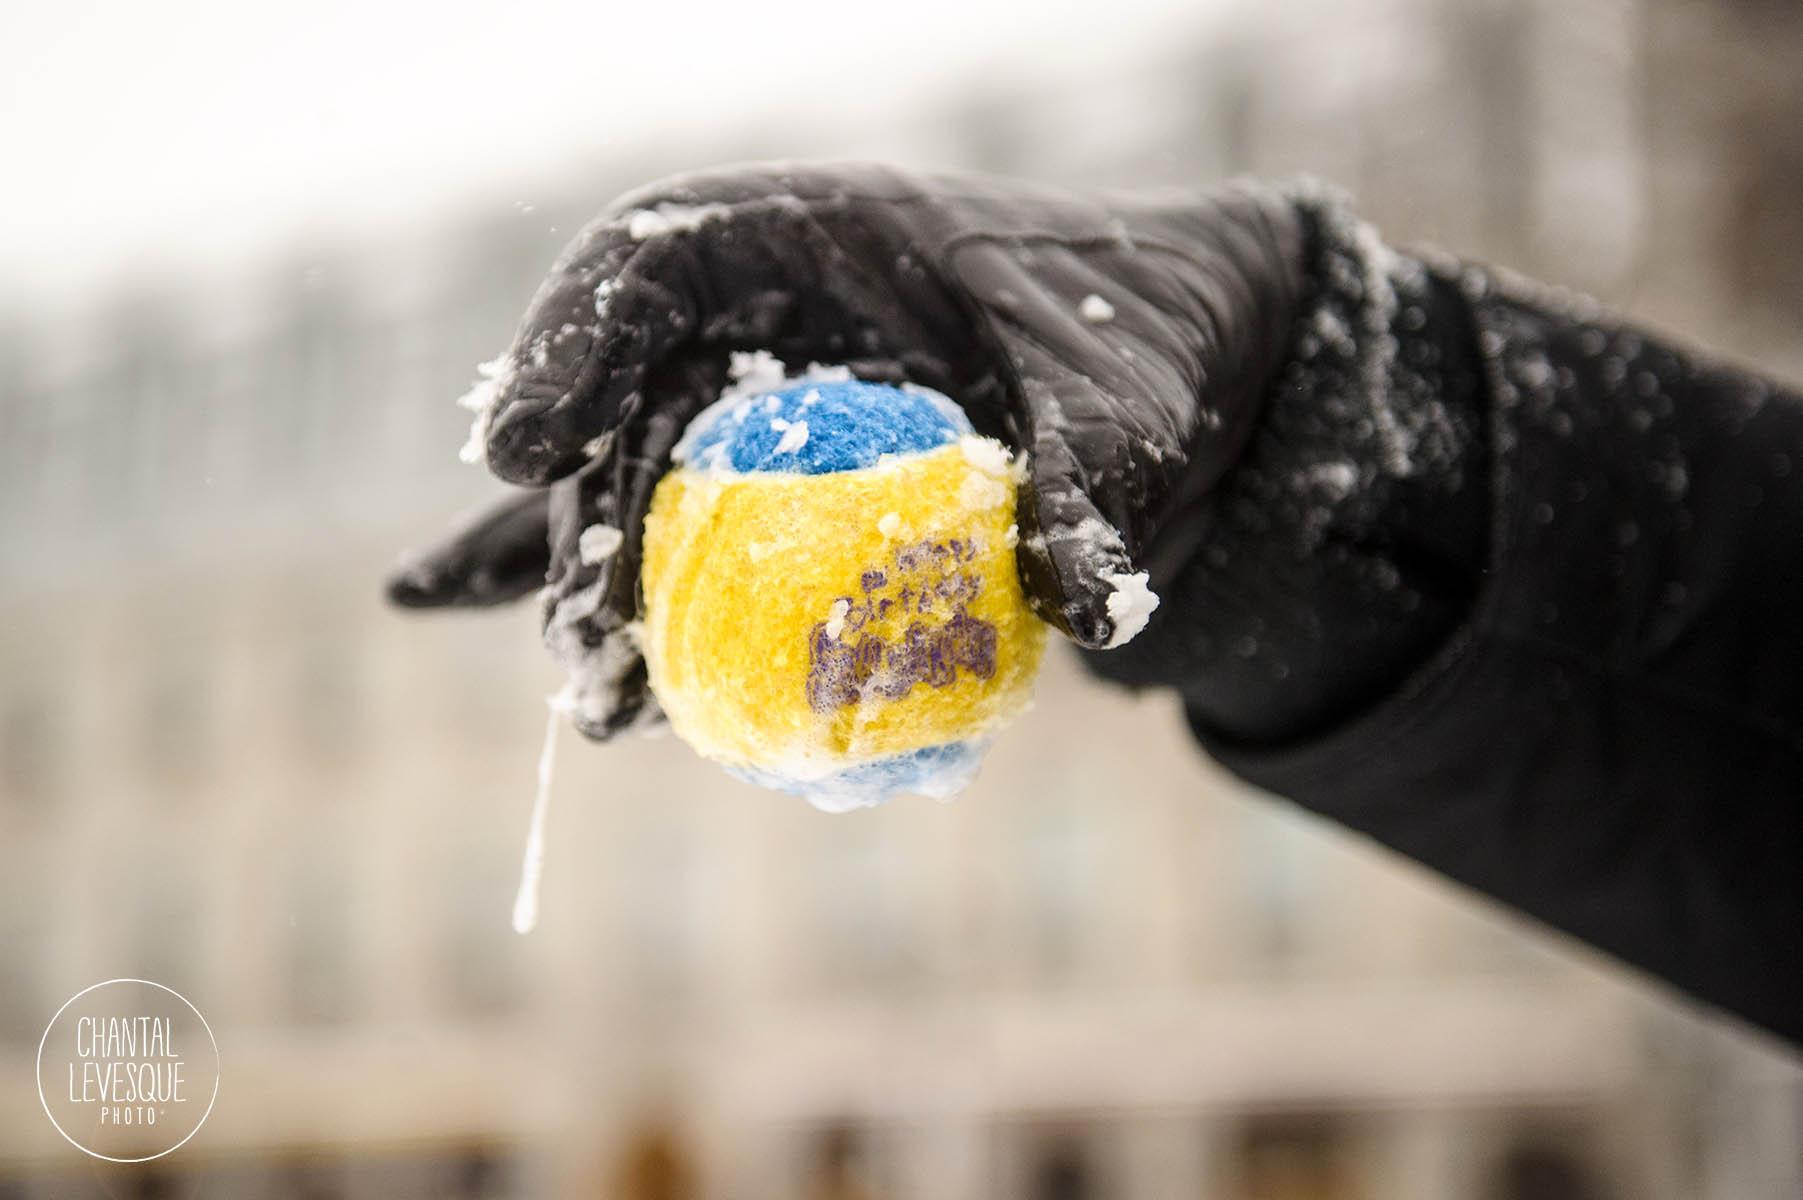 Capitaine ADORE jouer à la balle. Il est infatigable!! La balle devient trempée de bave! (même en hiver la bave gelée recouvre la balle… très chic! )